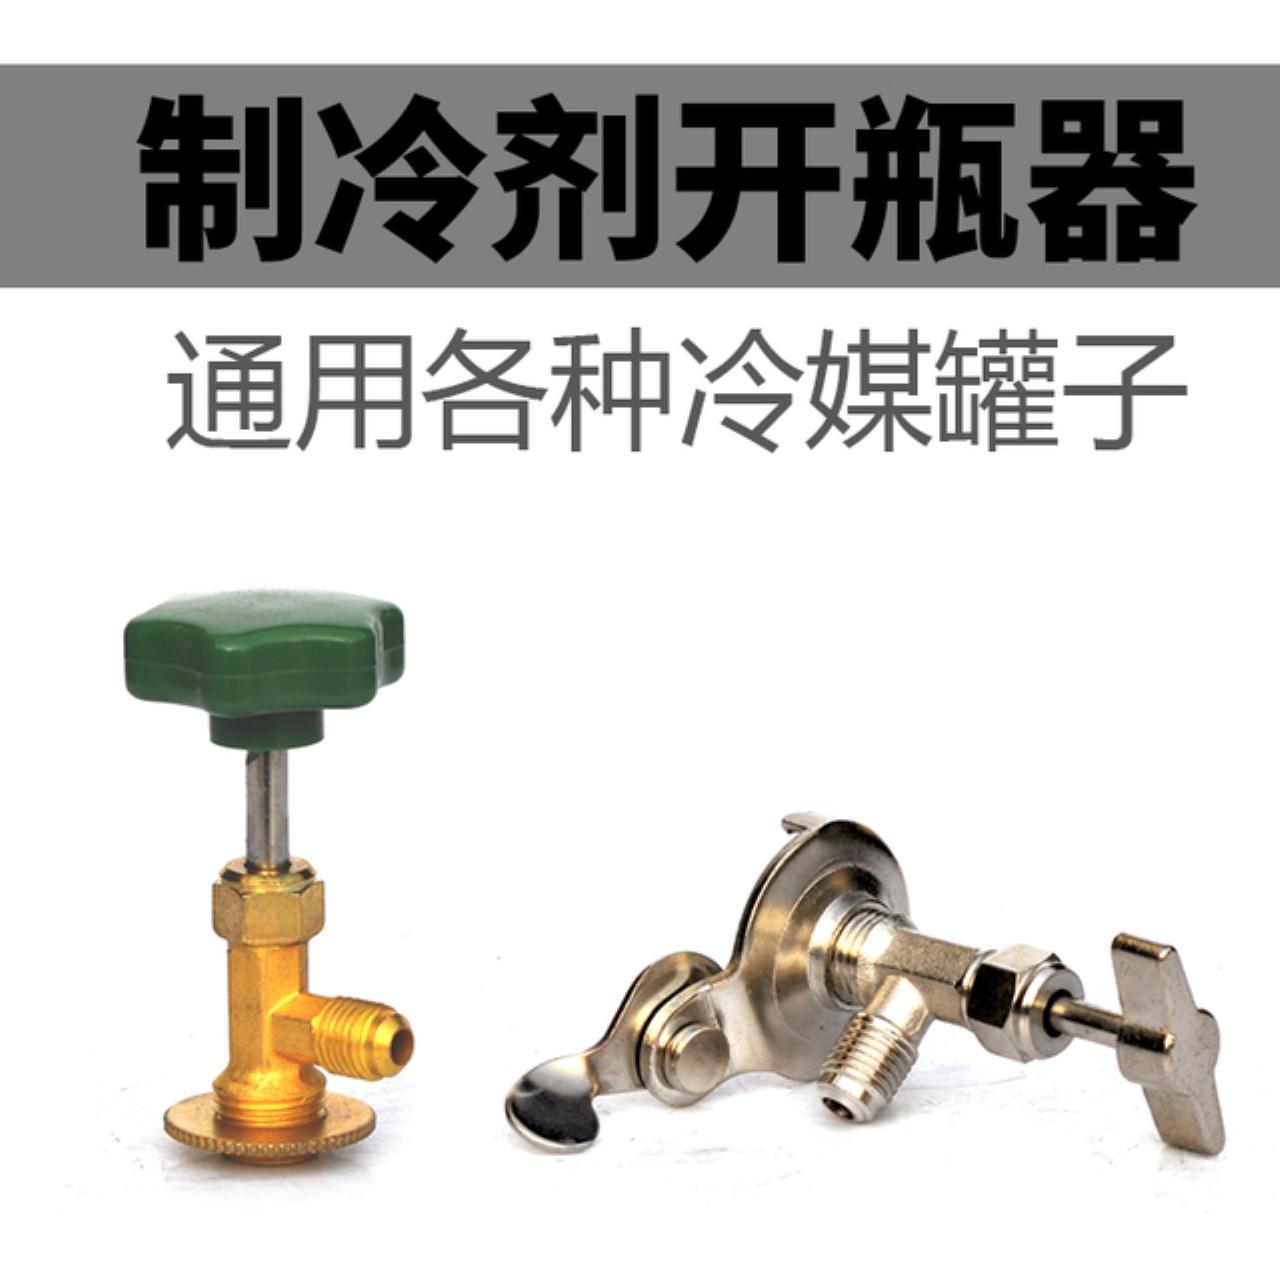 - fluor - csípős önnek 0A60 aung hideg /R12 dugóhúzó T338R340 megy a légkondi a hűtőközeg szelep nyitási c.